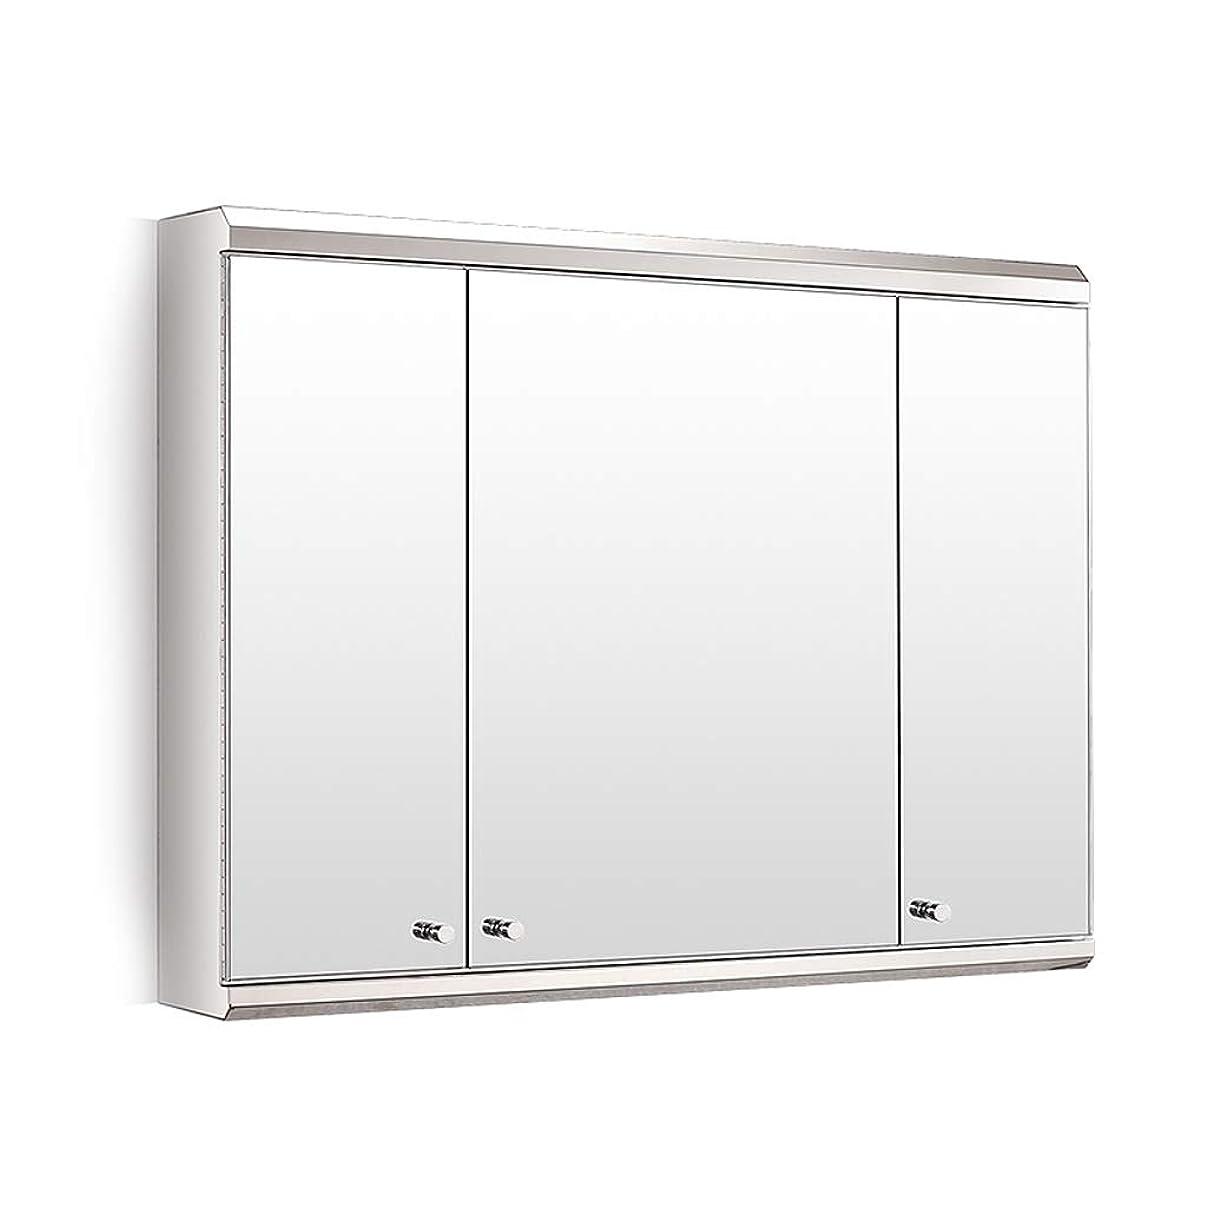 模倣楕円形唯一浴室用キャビネット バスルーム用ミラーキャビネットバスルーム用収納キャビネットバスルーム用ウォールキャビネットスペースアルミ 80*55cm